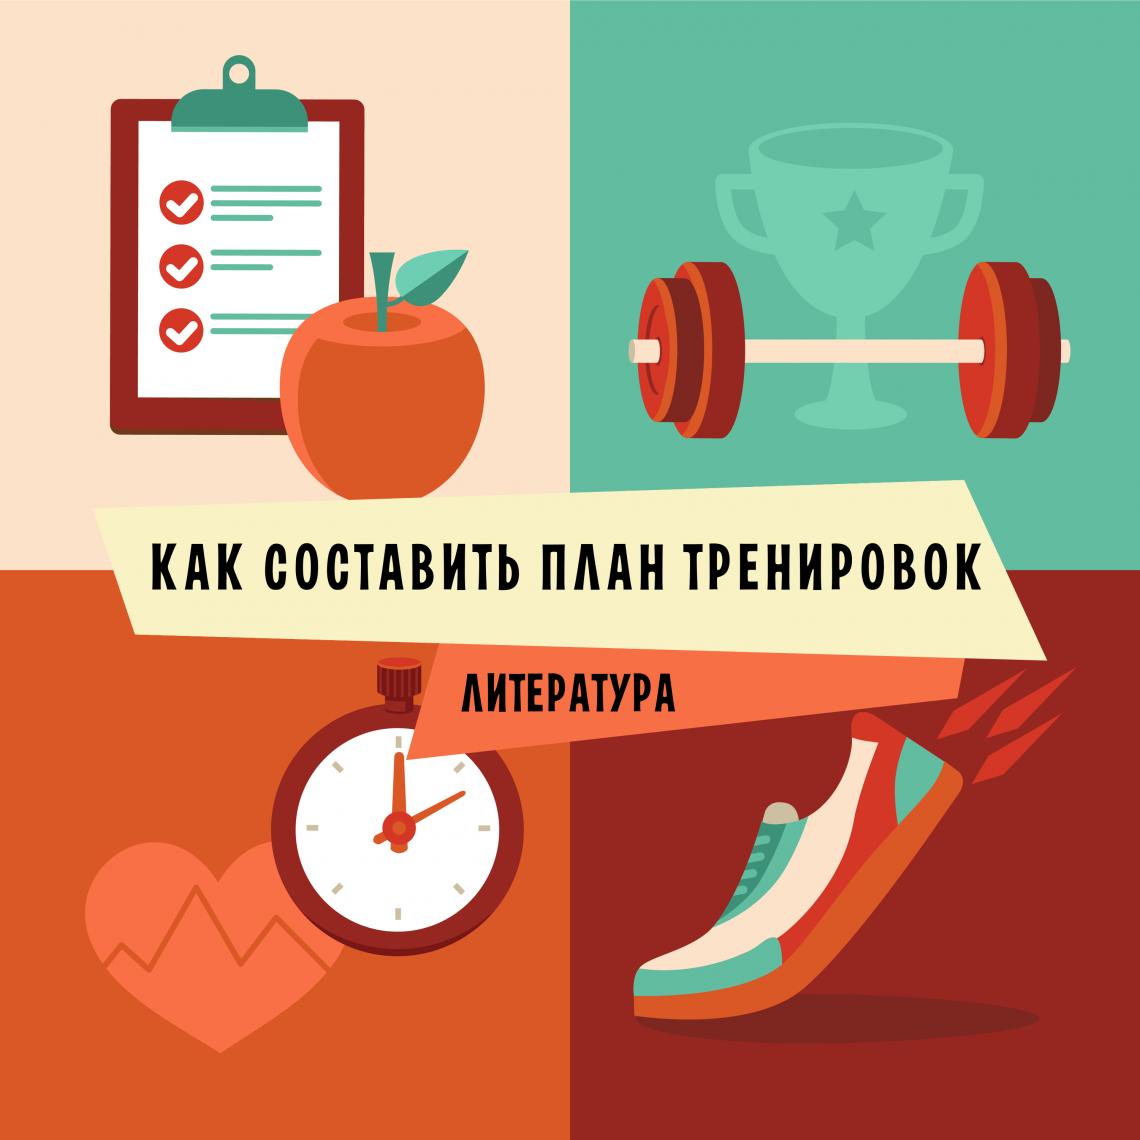 составление плана питания и программы тренировок тест